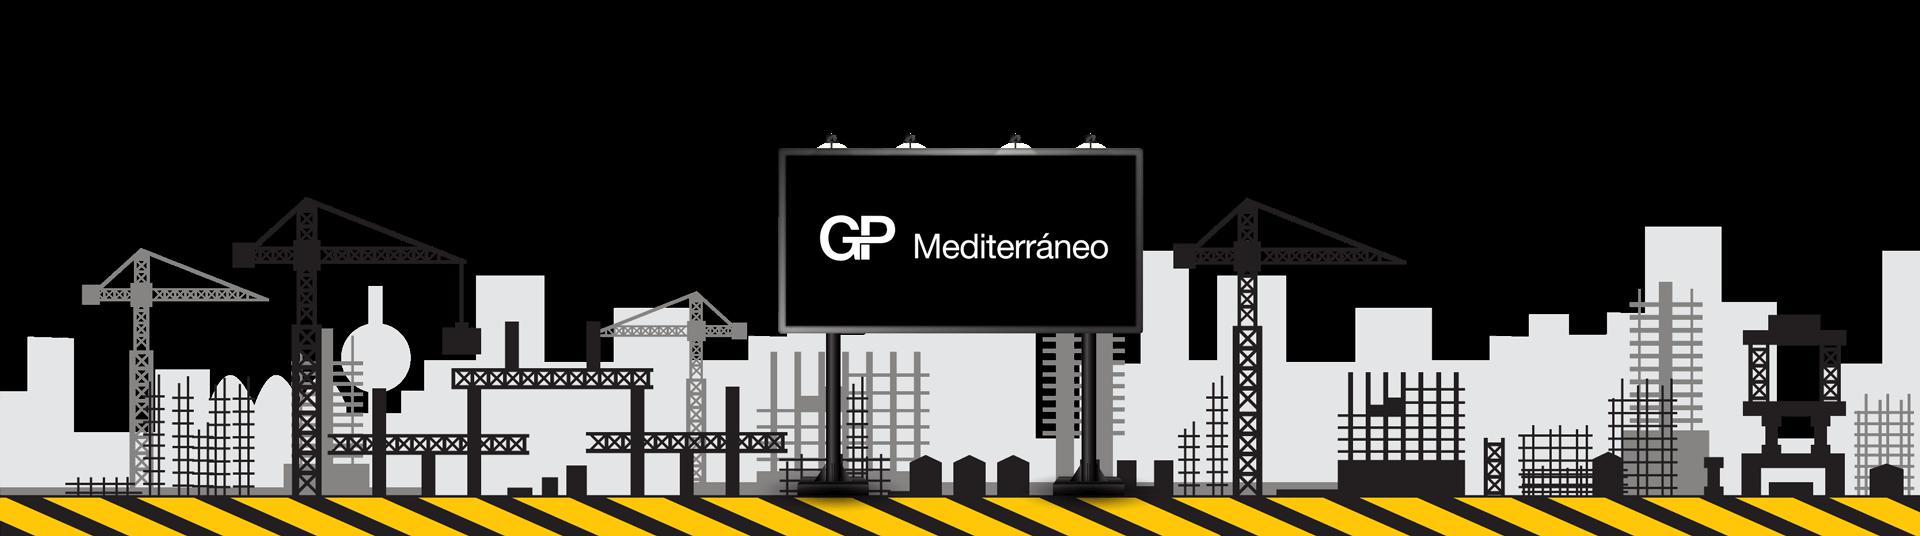 GP Mediterráneo, Nueva Instalación de Vallas publicitarias